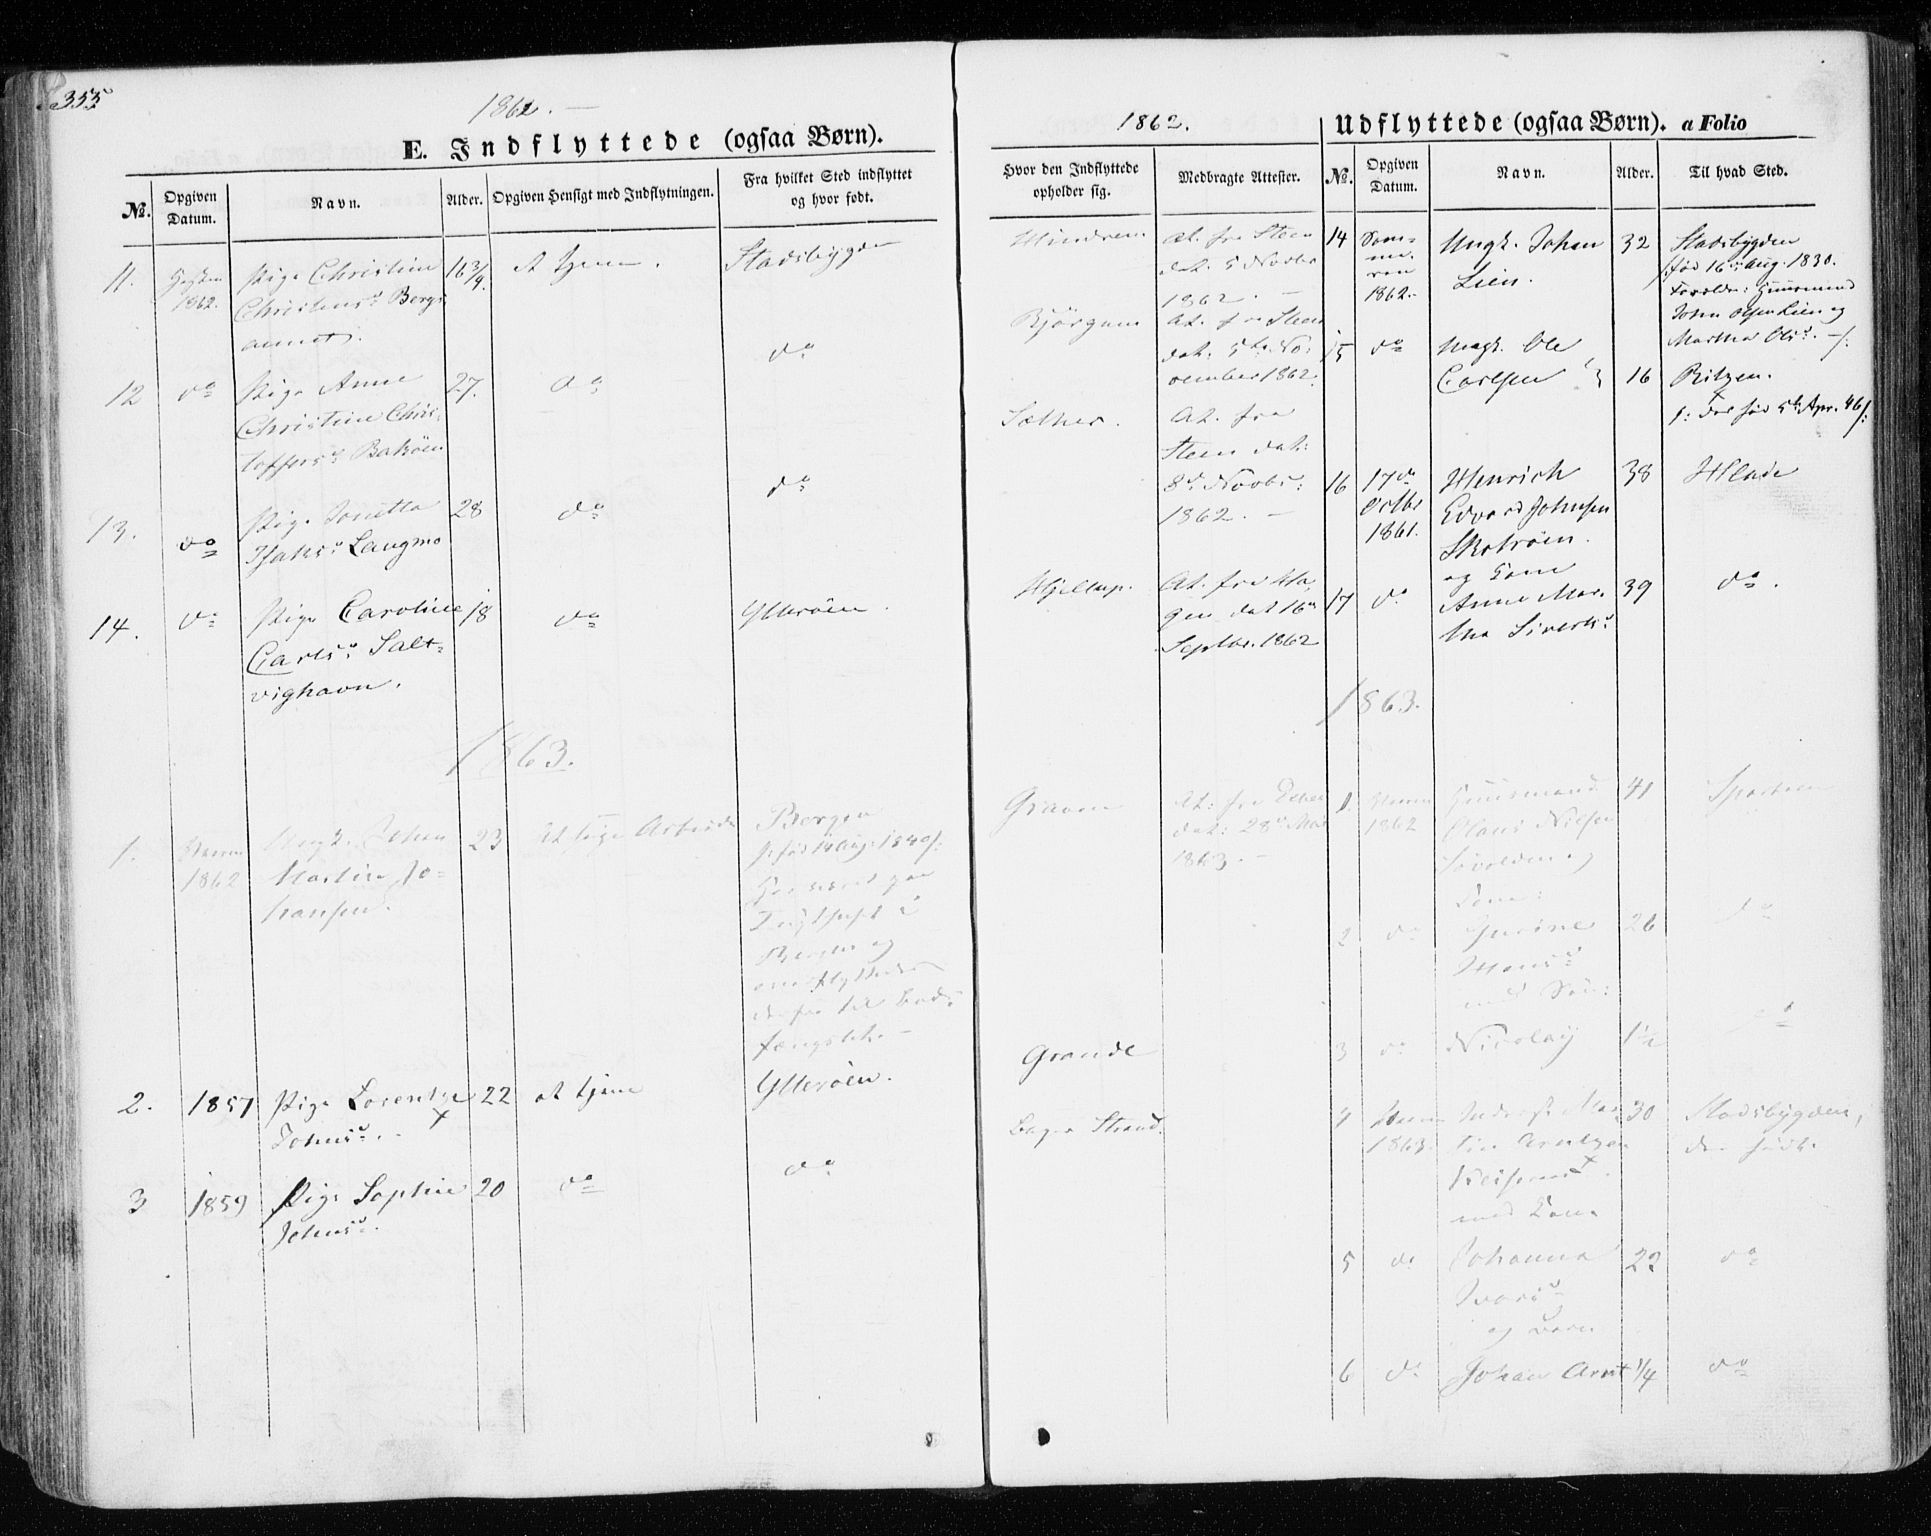 SAT, Ministerialprotokoller, klokkerbøker og fødselsregistre - Nord-Trøndelag, 701/L0008: Ministerialbok nr. 701A08 /1, 1854-1863, s. 355